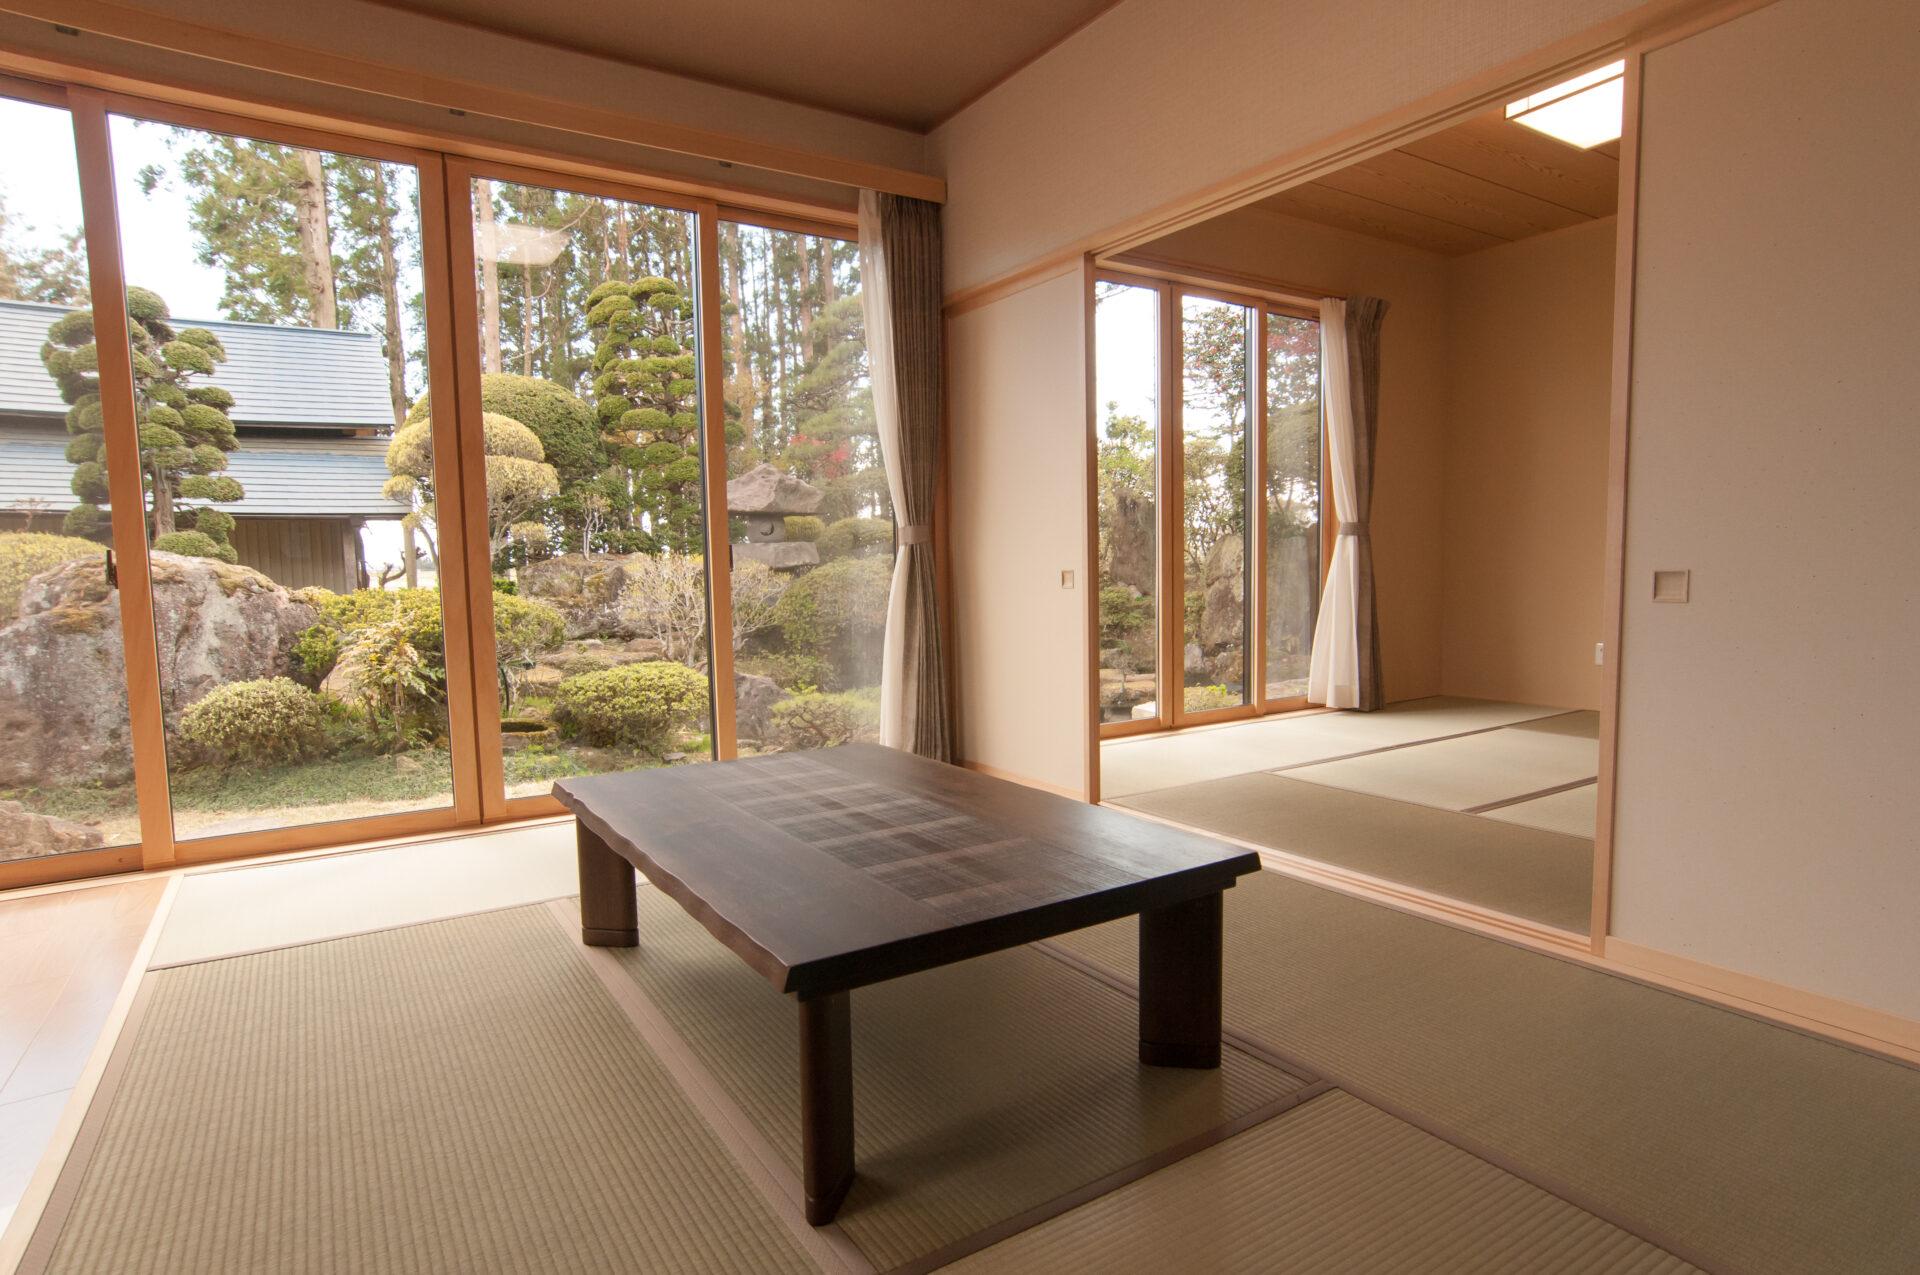 どの部屋からもお庭が眺められる解放感のある家。<br>でも耐震性もばっちり!|大崎市|